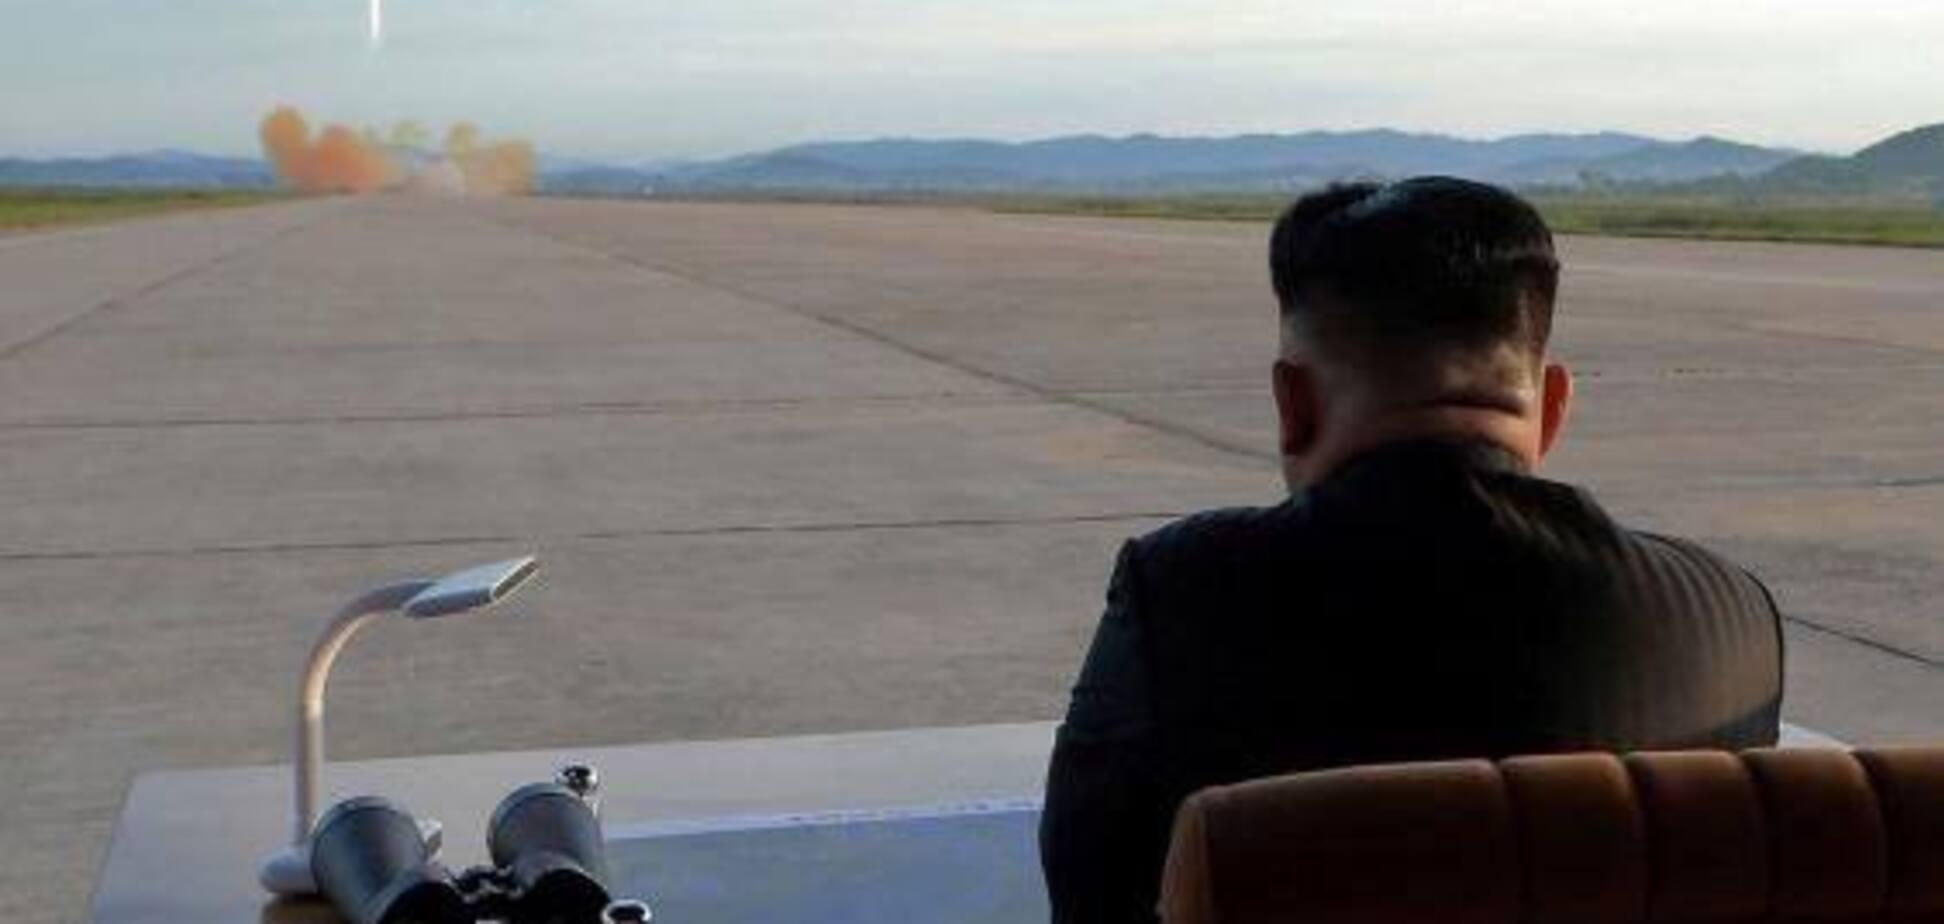 'Йшли до краю небезпеки': у США озвучили сценарій ядерної війни з КНДР